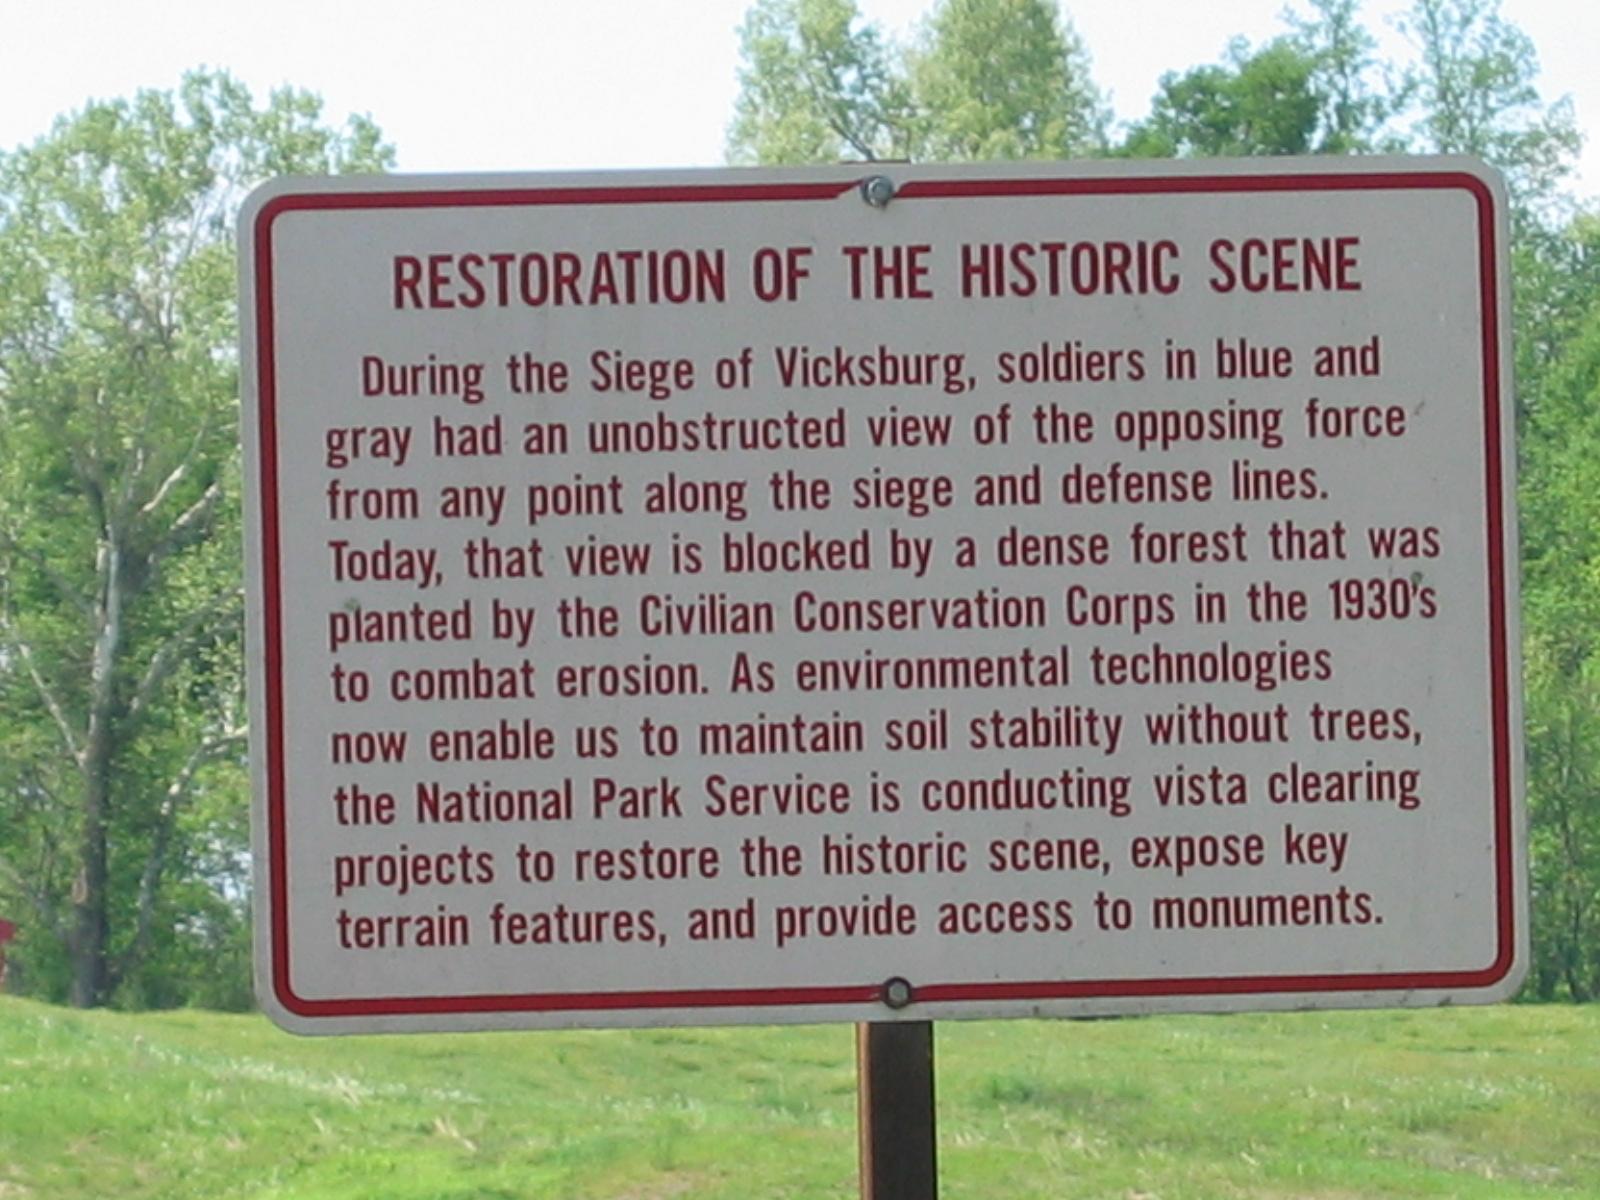 Um die Geschichte besser sichtbar zu machen, bemüht man sich, die Landschaft wieder in den Zustand während des Bürgerkriegs zu versetzen